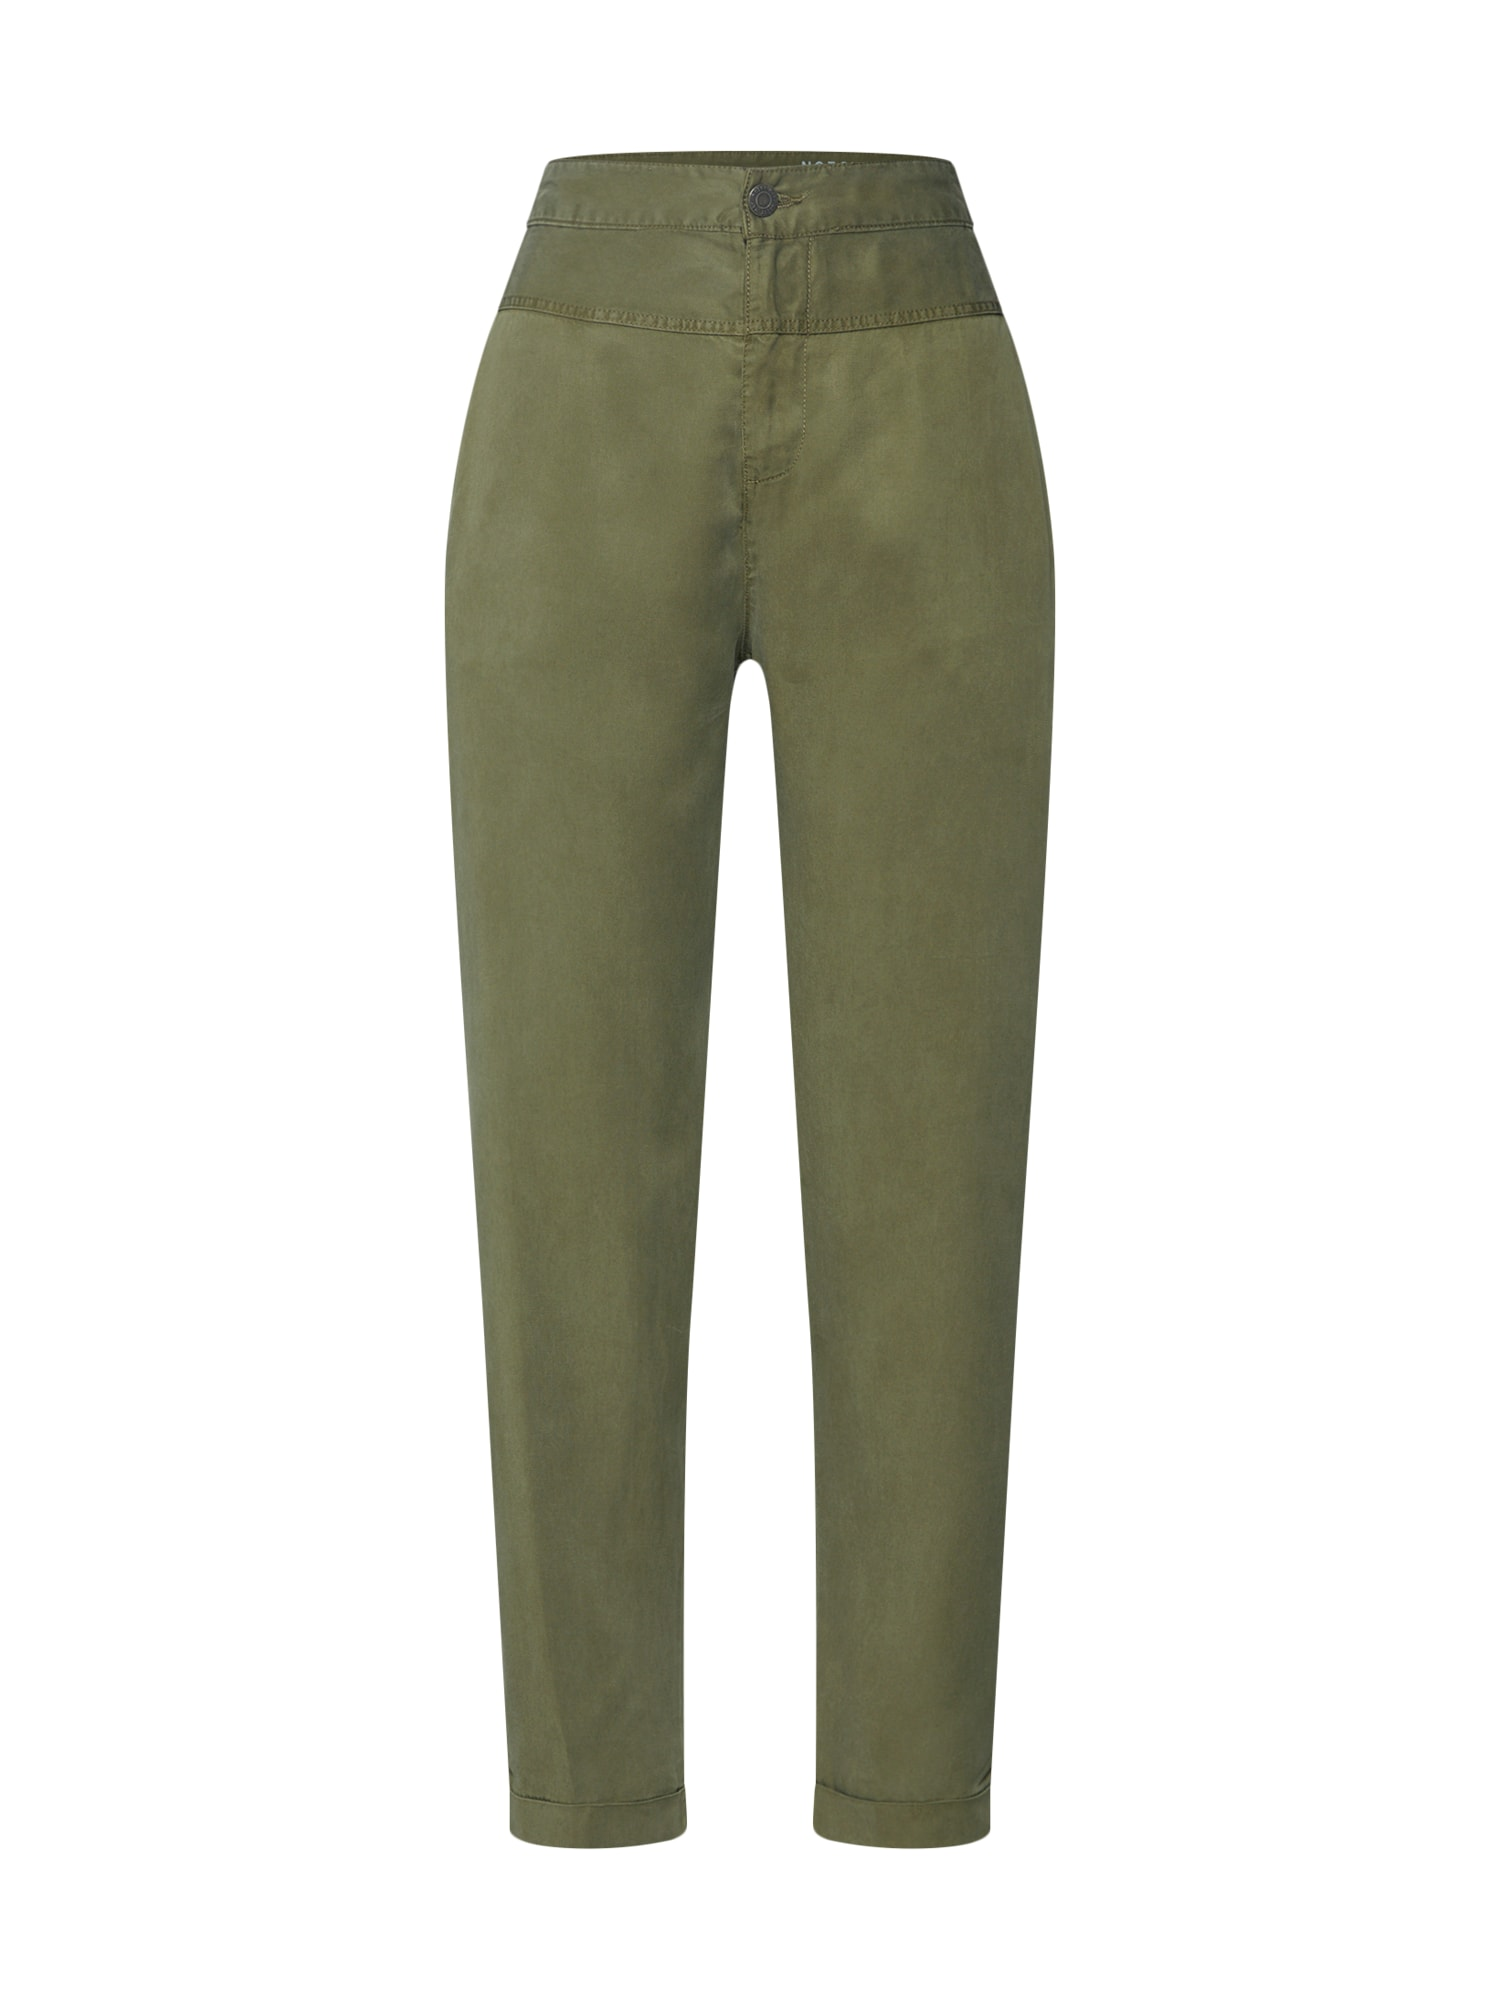 Chino kalhoty NMMIRA NW TENCEL CHINOS 3 olivová Noisy May